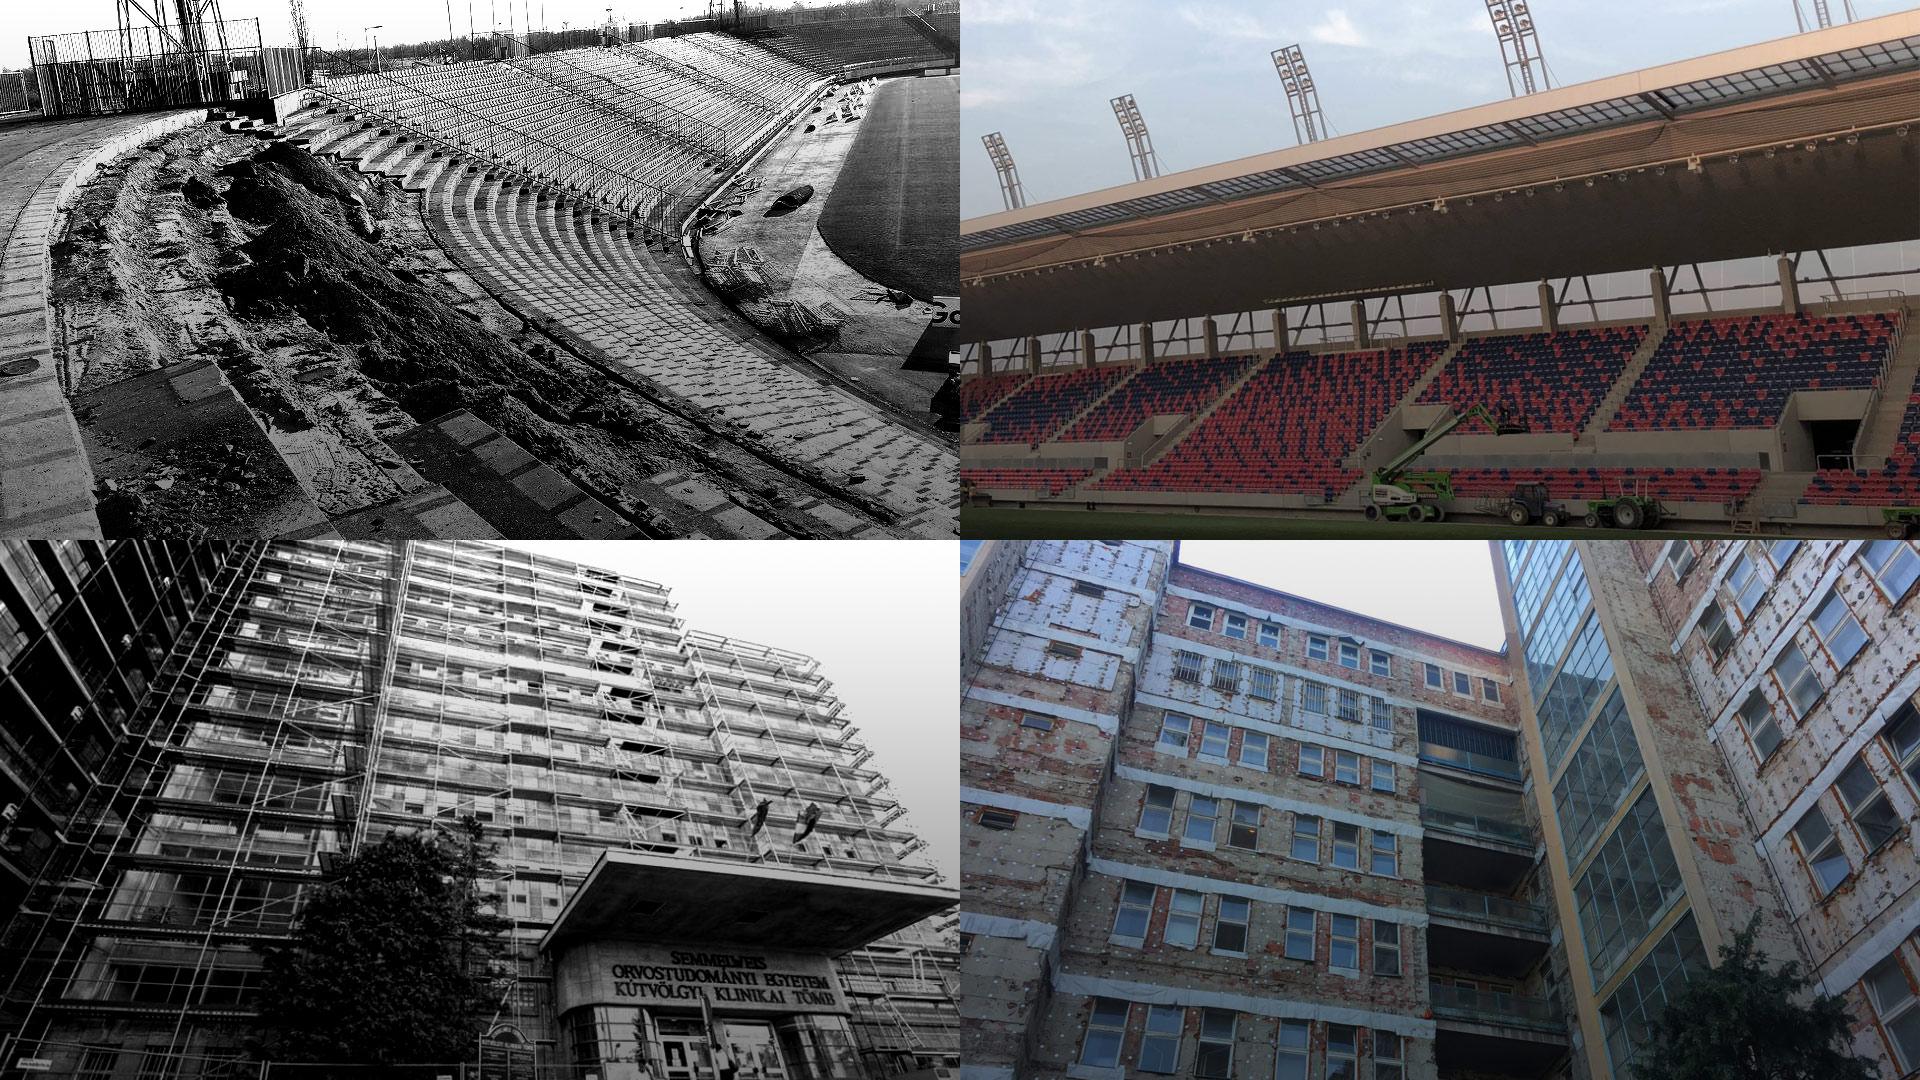 A Kútvölgyin ablakokat sem tudtak cserélni annyi idő alatt, amíg simán ledózerolták és felépítették Orbán kedvenc csapatának stadionját